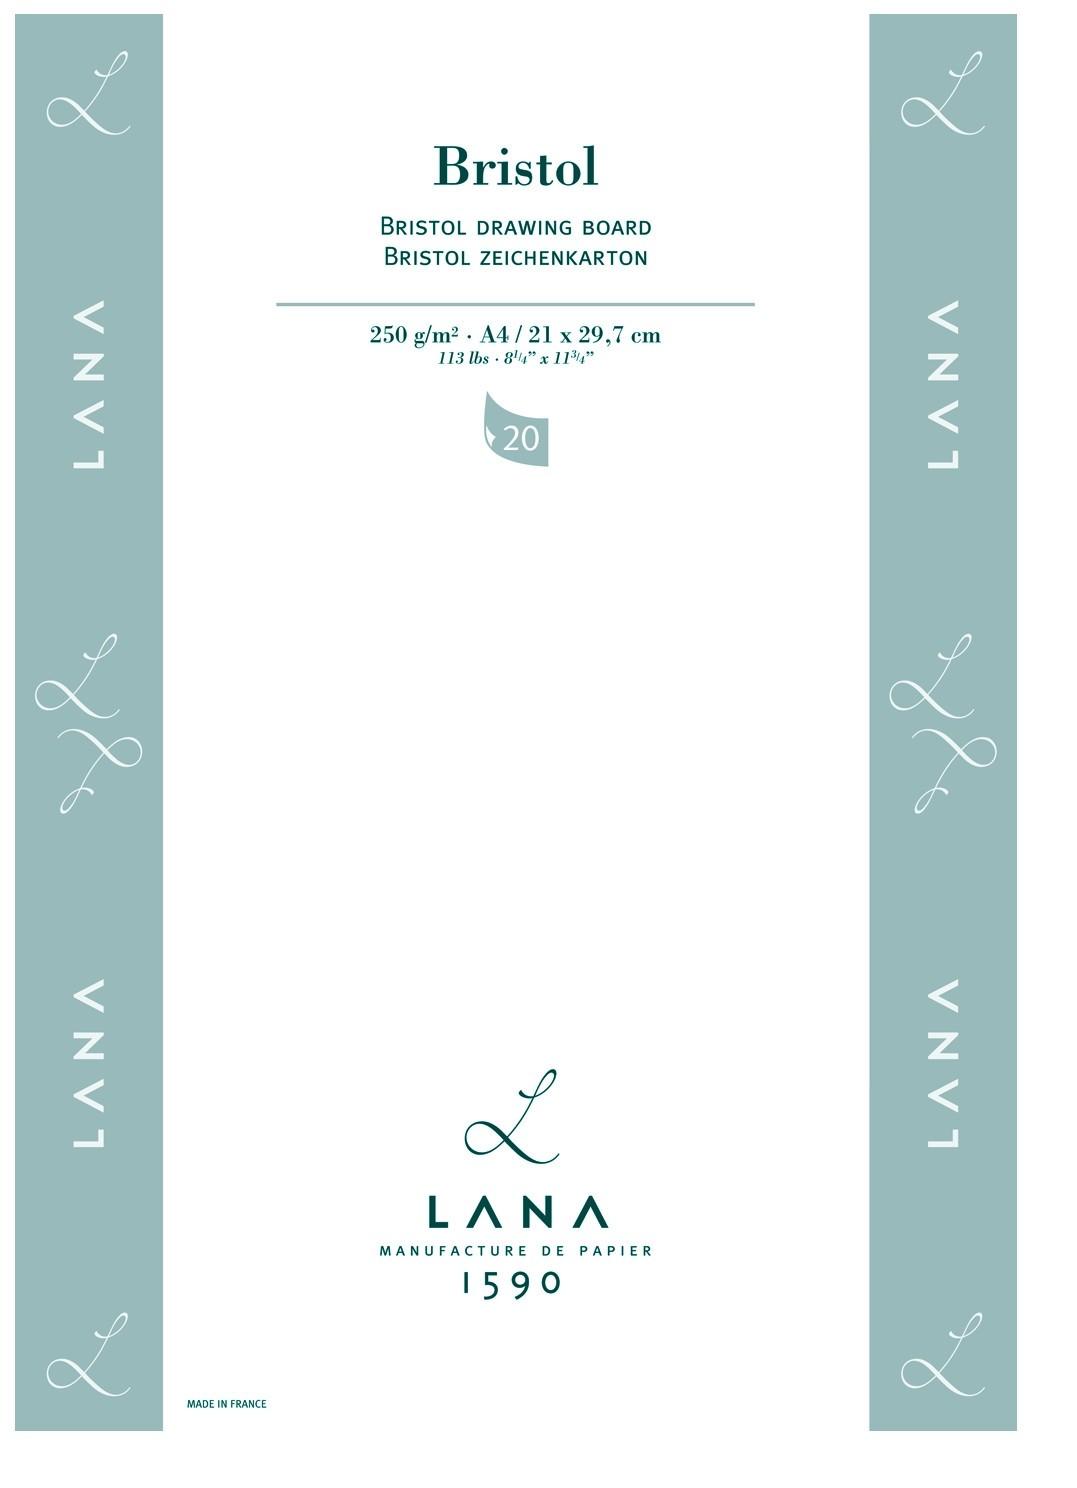 Bloco Lana Bristol 250g 21x29,7 A4 20 FLS 15023575